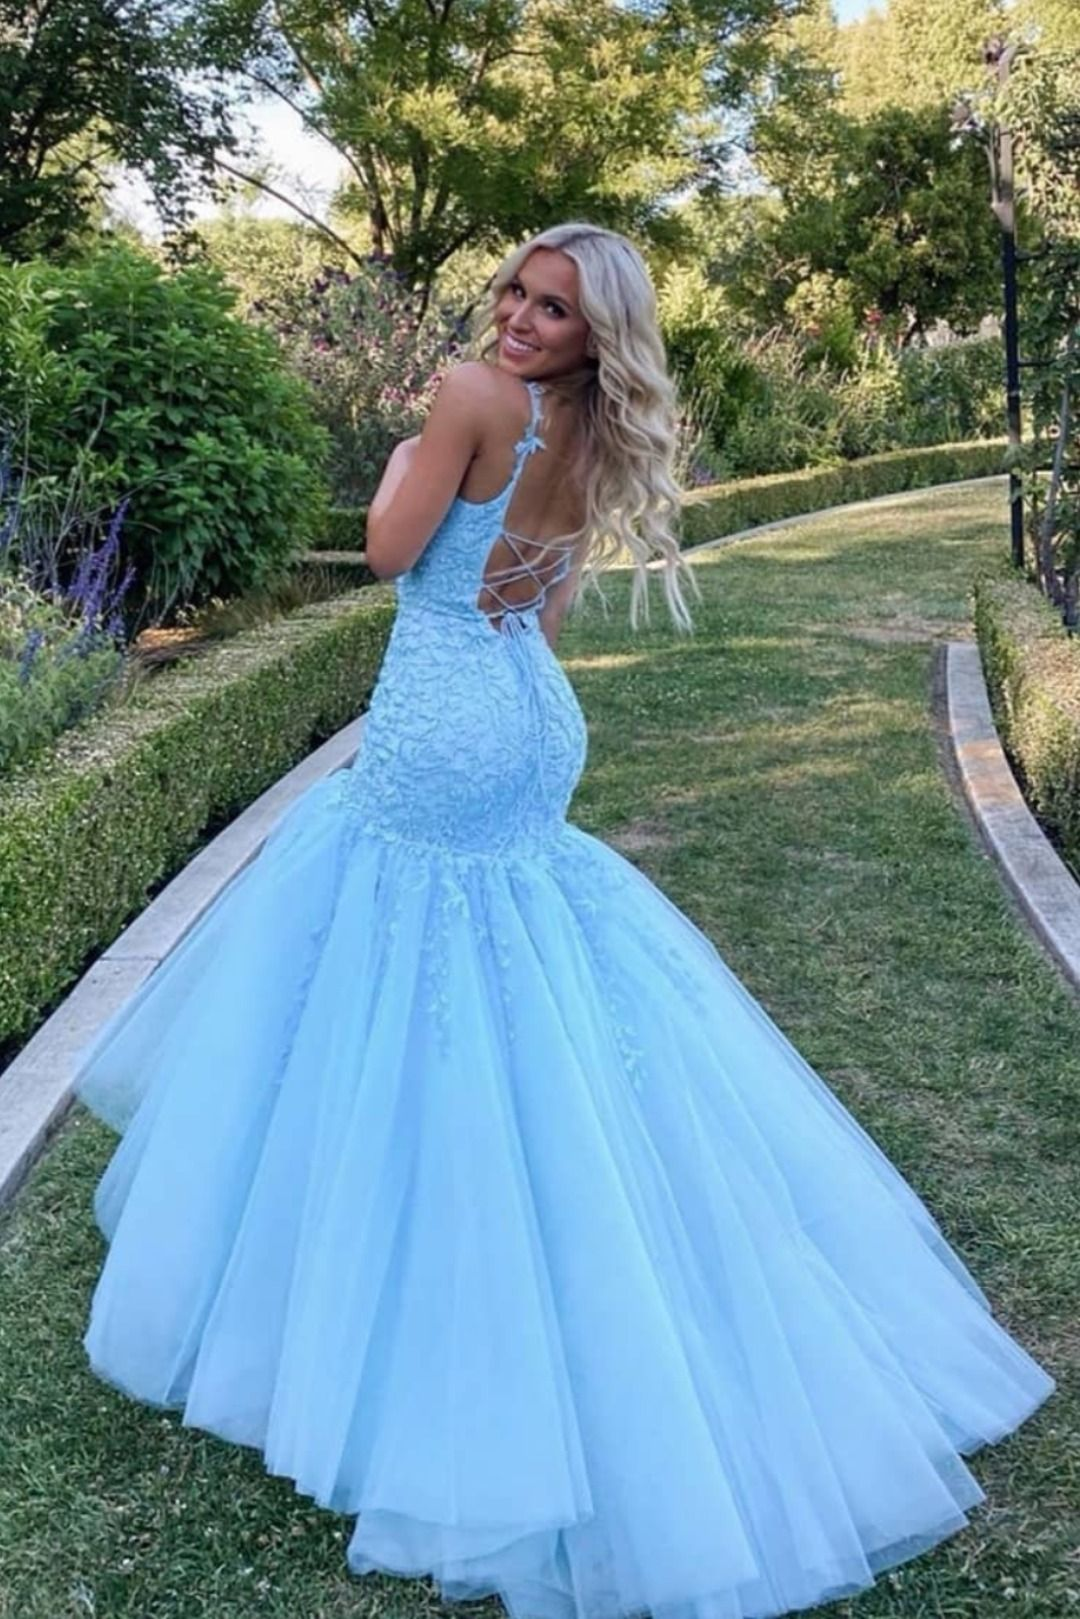 Straps Mermaid Light Blue Lace Appliqued Long Prom Dress Light Blue Dress Formal Dresses Formal Dresses [ 1619 x 1080 Pixel ]